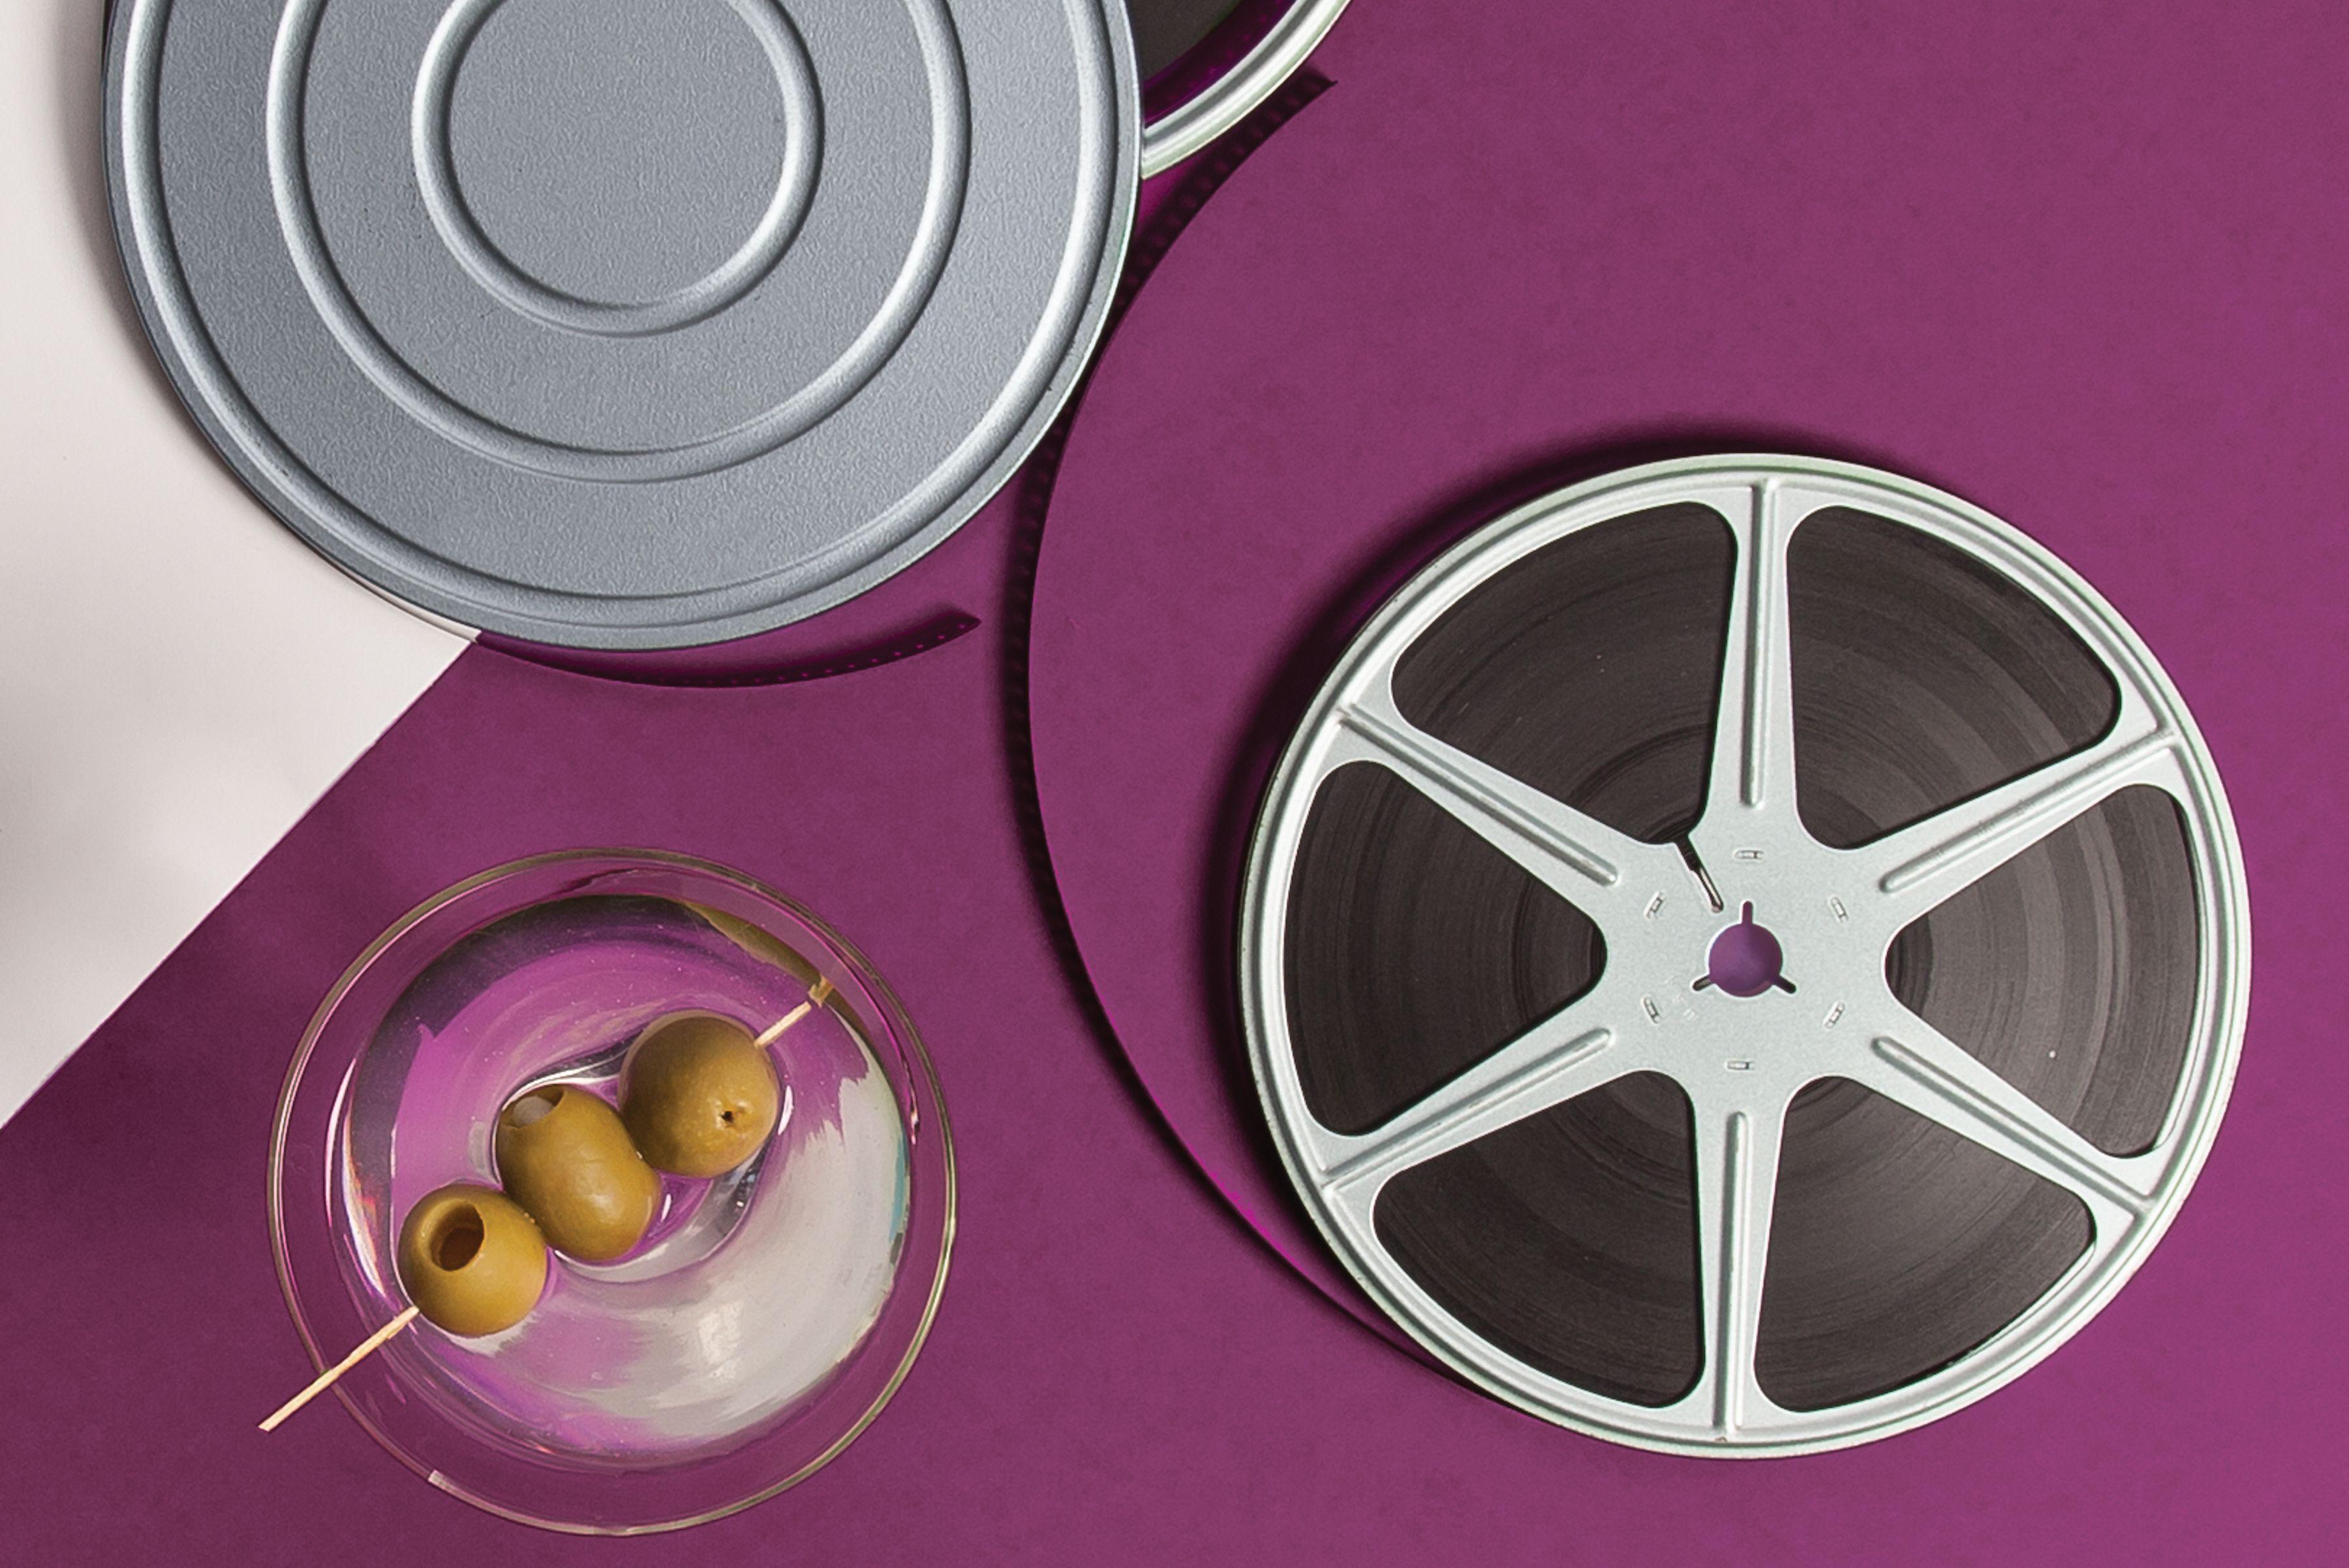 Mhollersmagbestofproduct cinebistro nv2eip